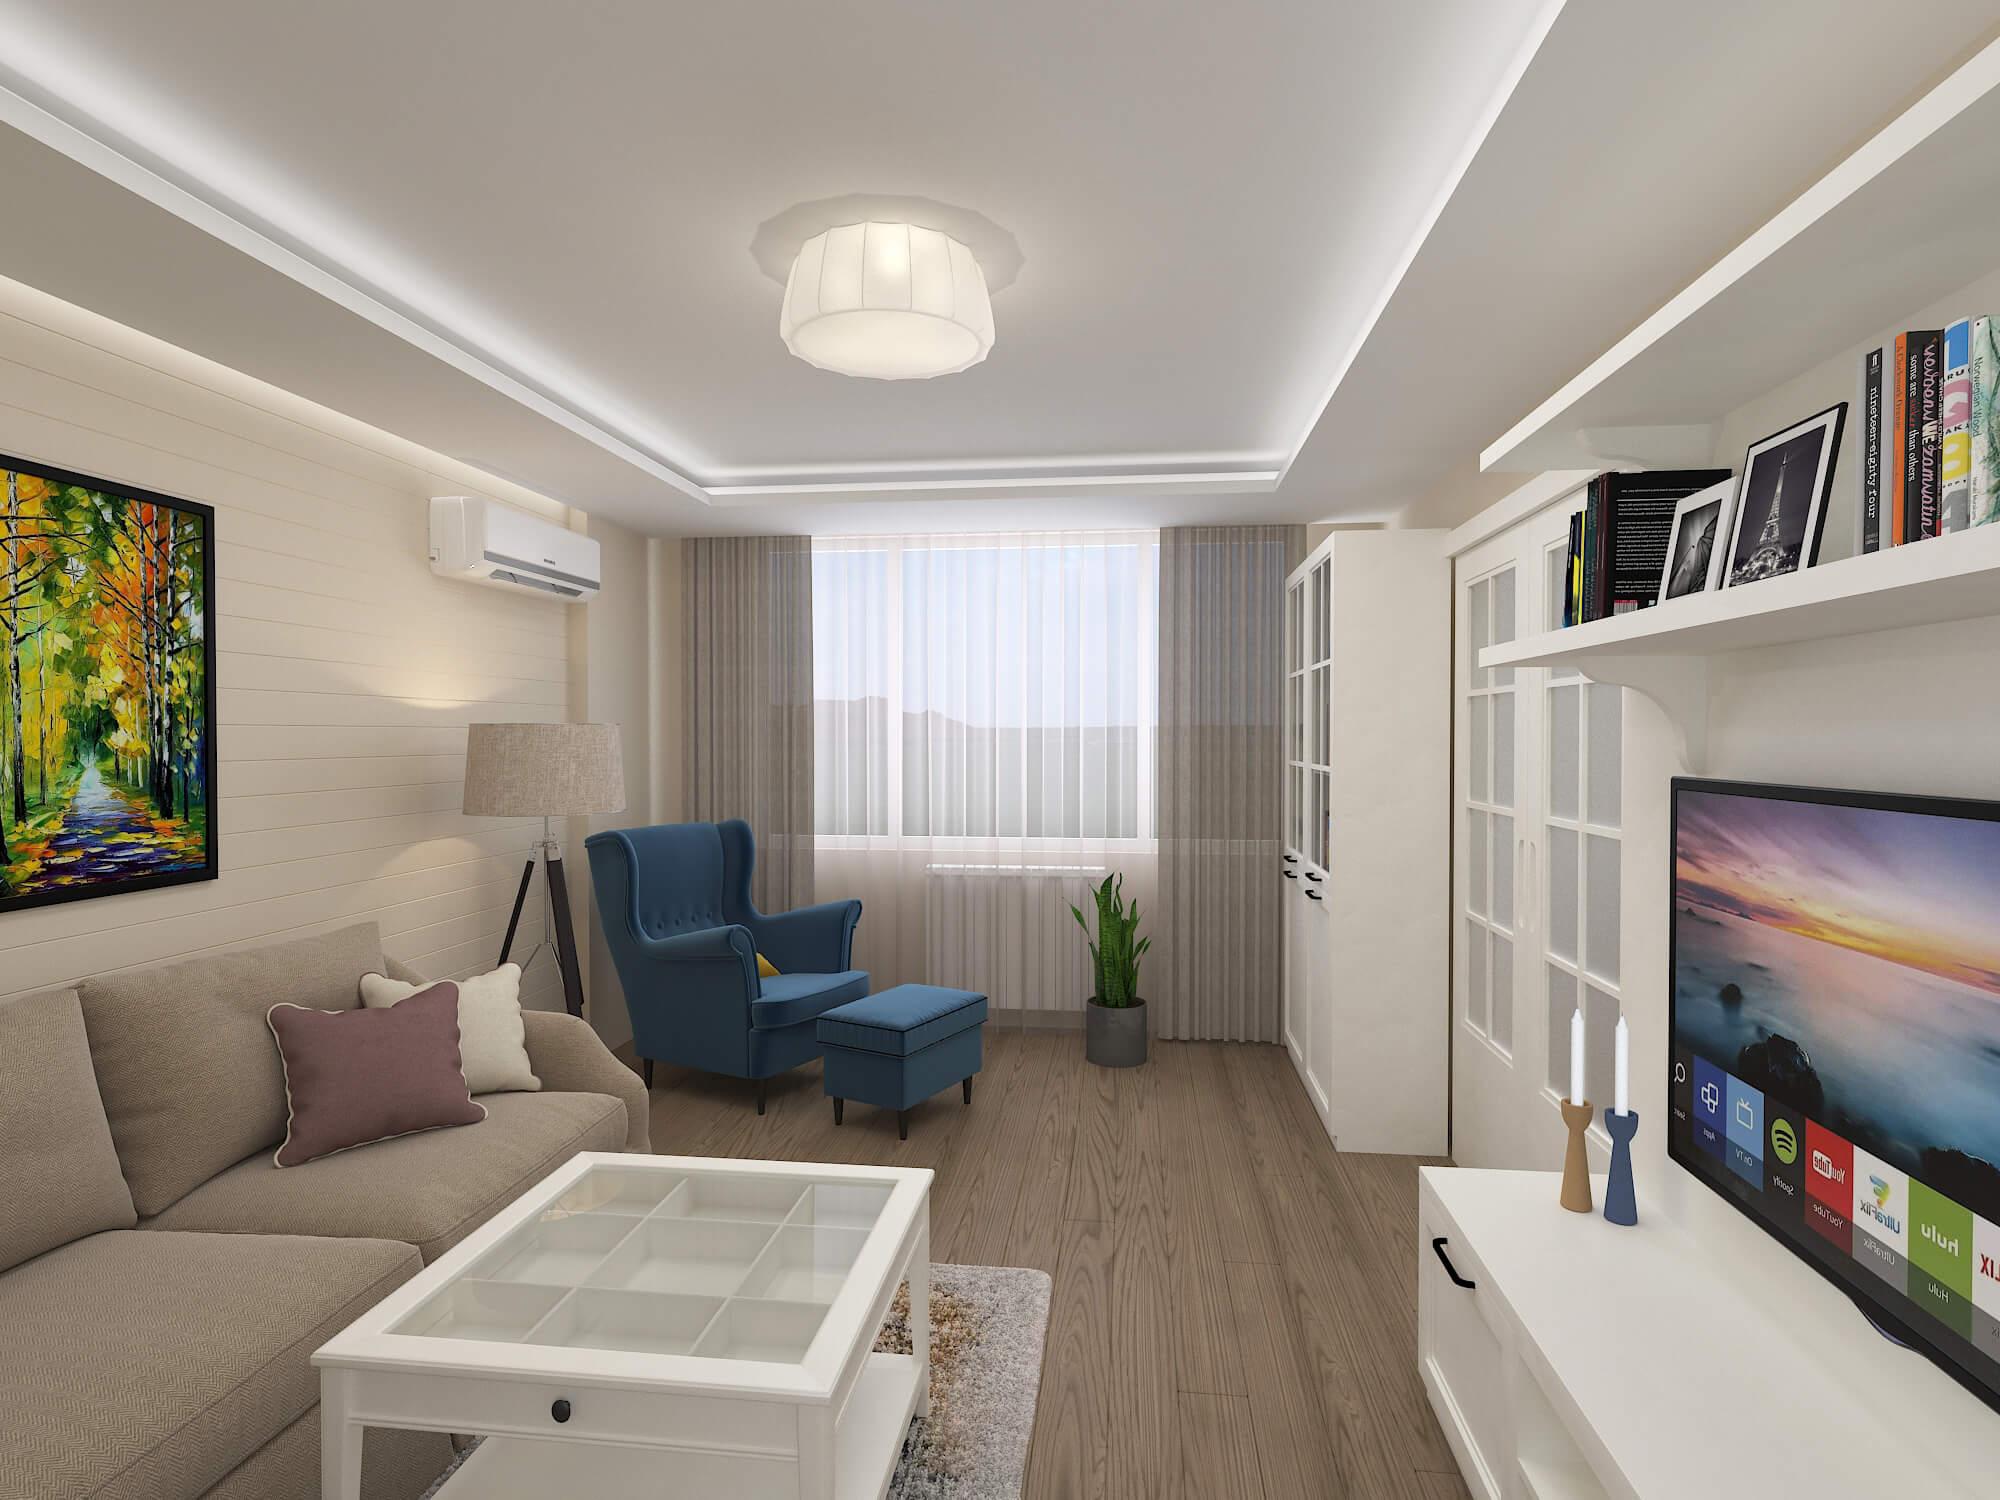 Проект на дневна трапезария <br>и кухня в апартамент <br>гр. София